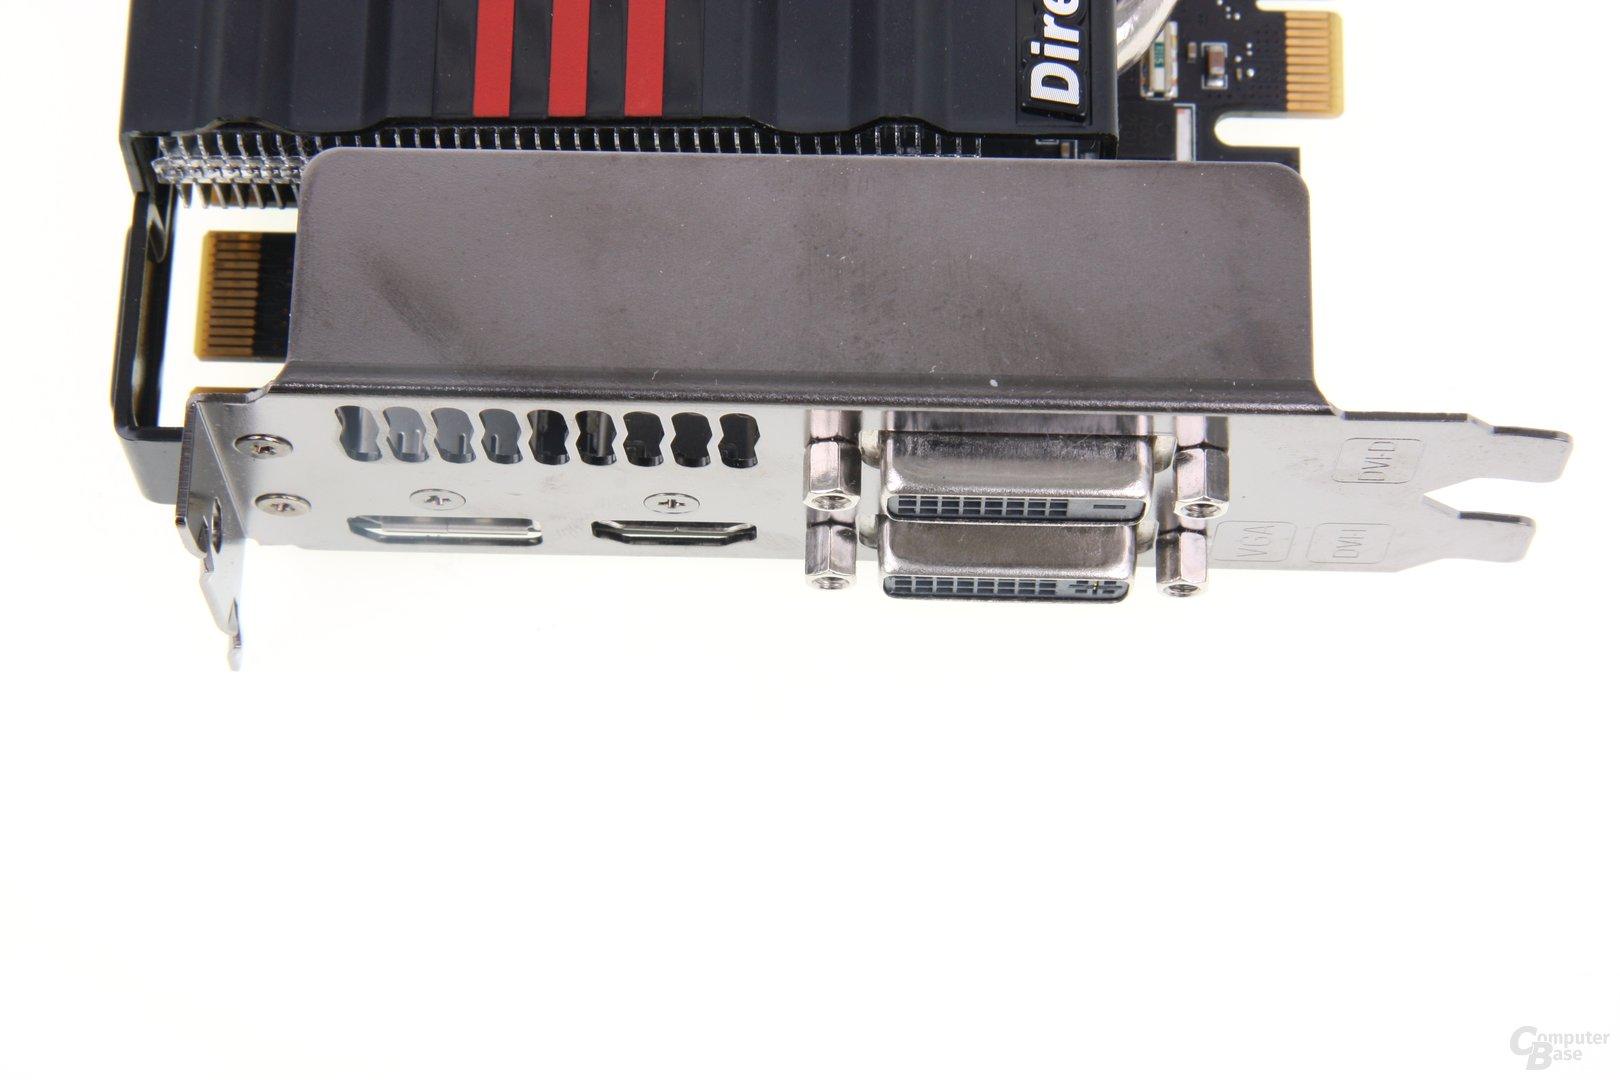 GeForce GTX 660 DCII TOP Anschlüsse